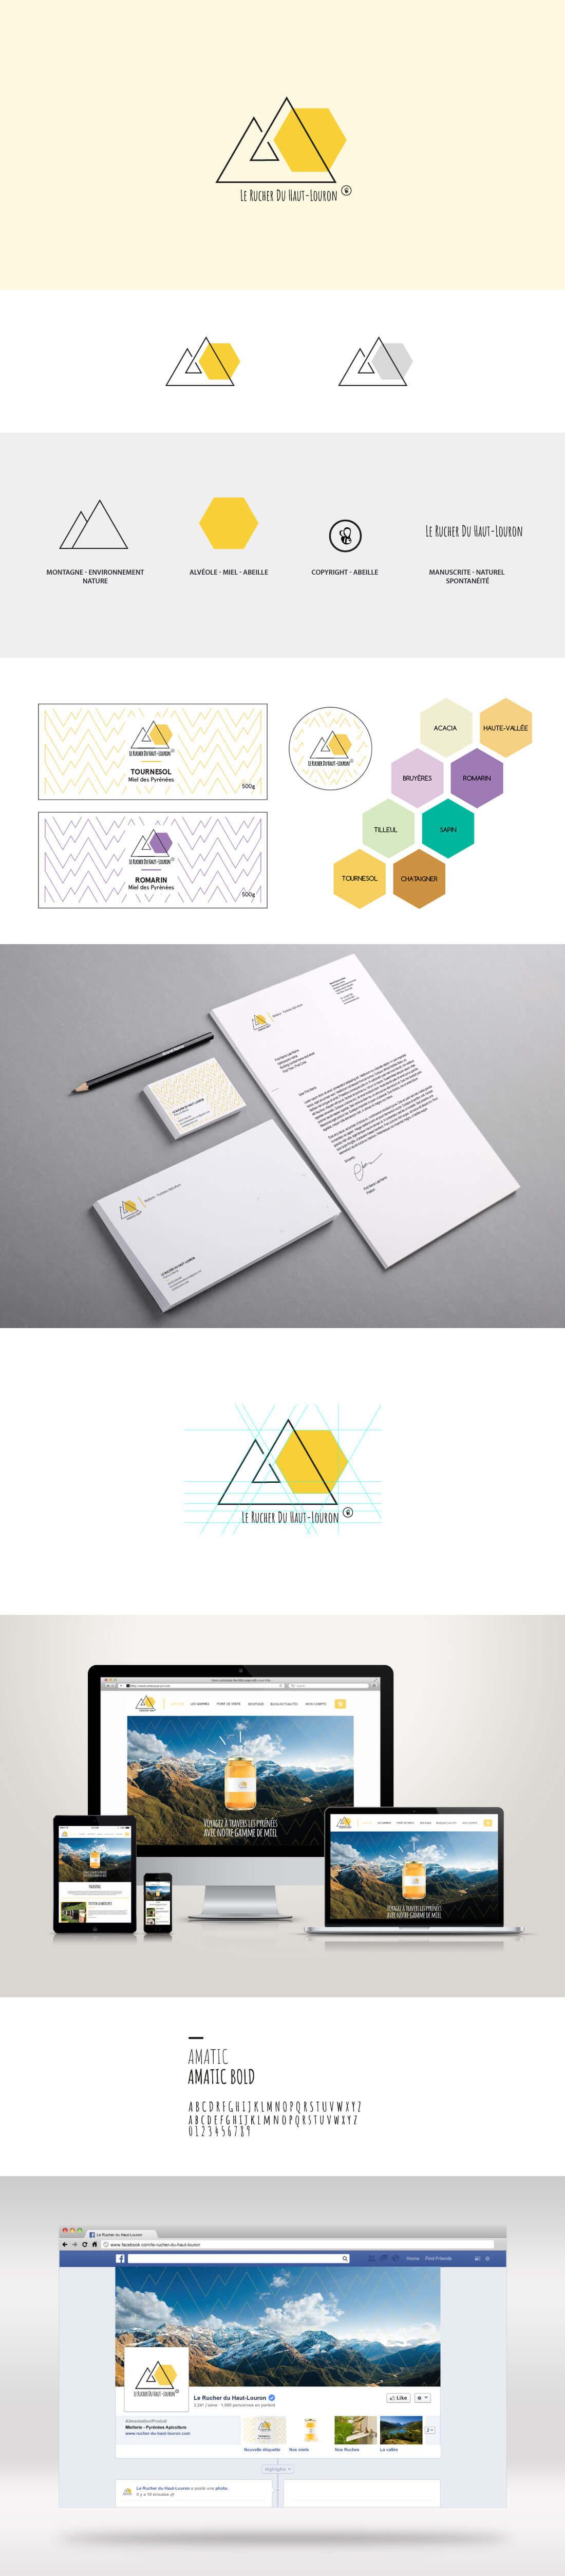 branding et identité visuelle d'une marque de miel